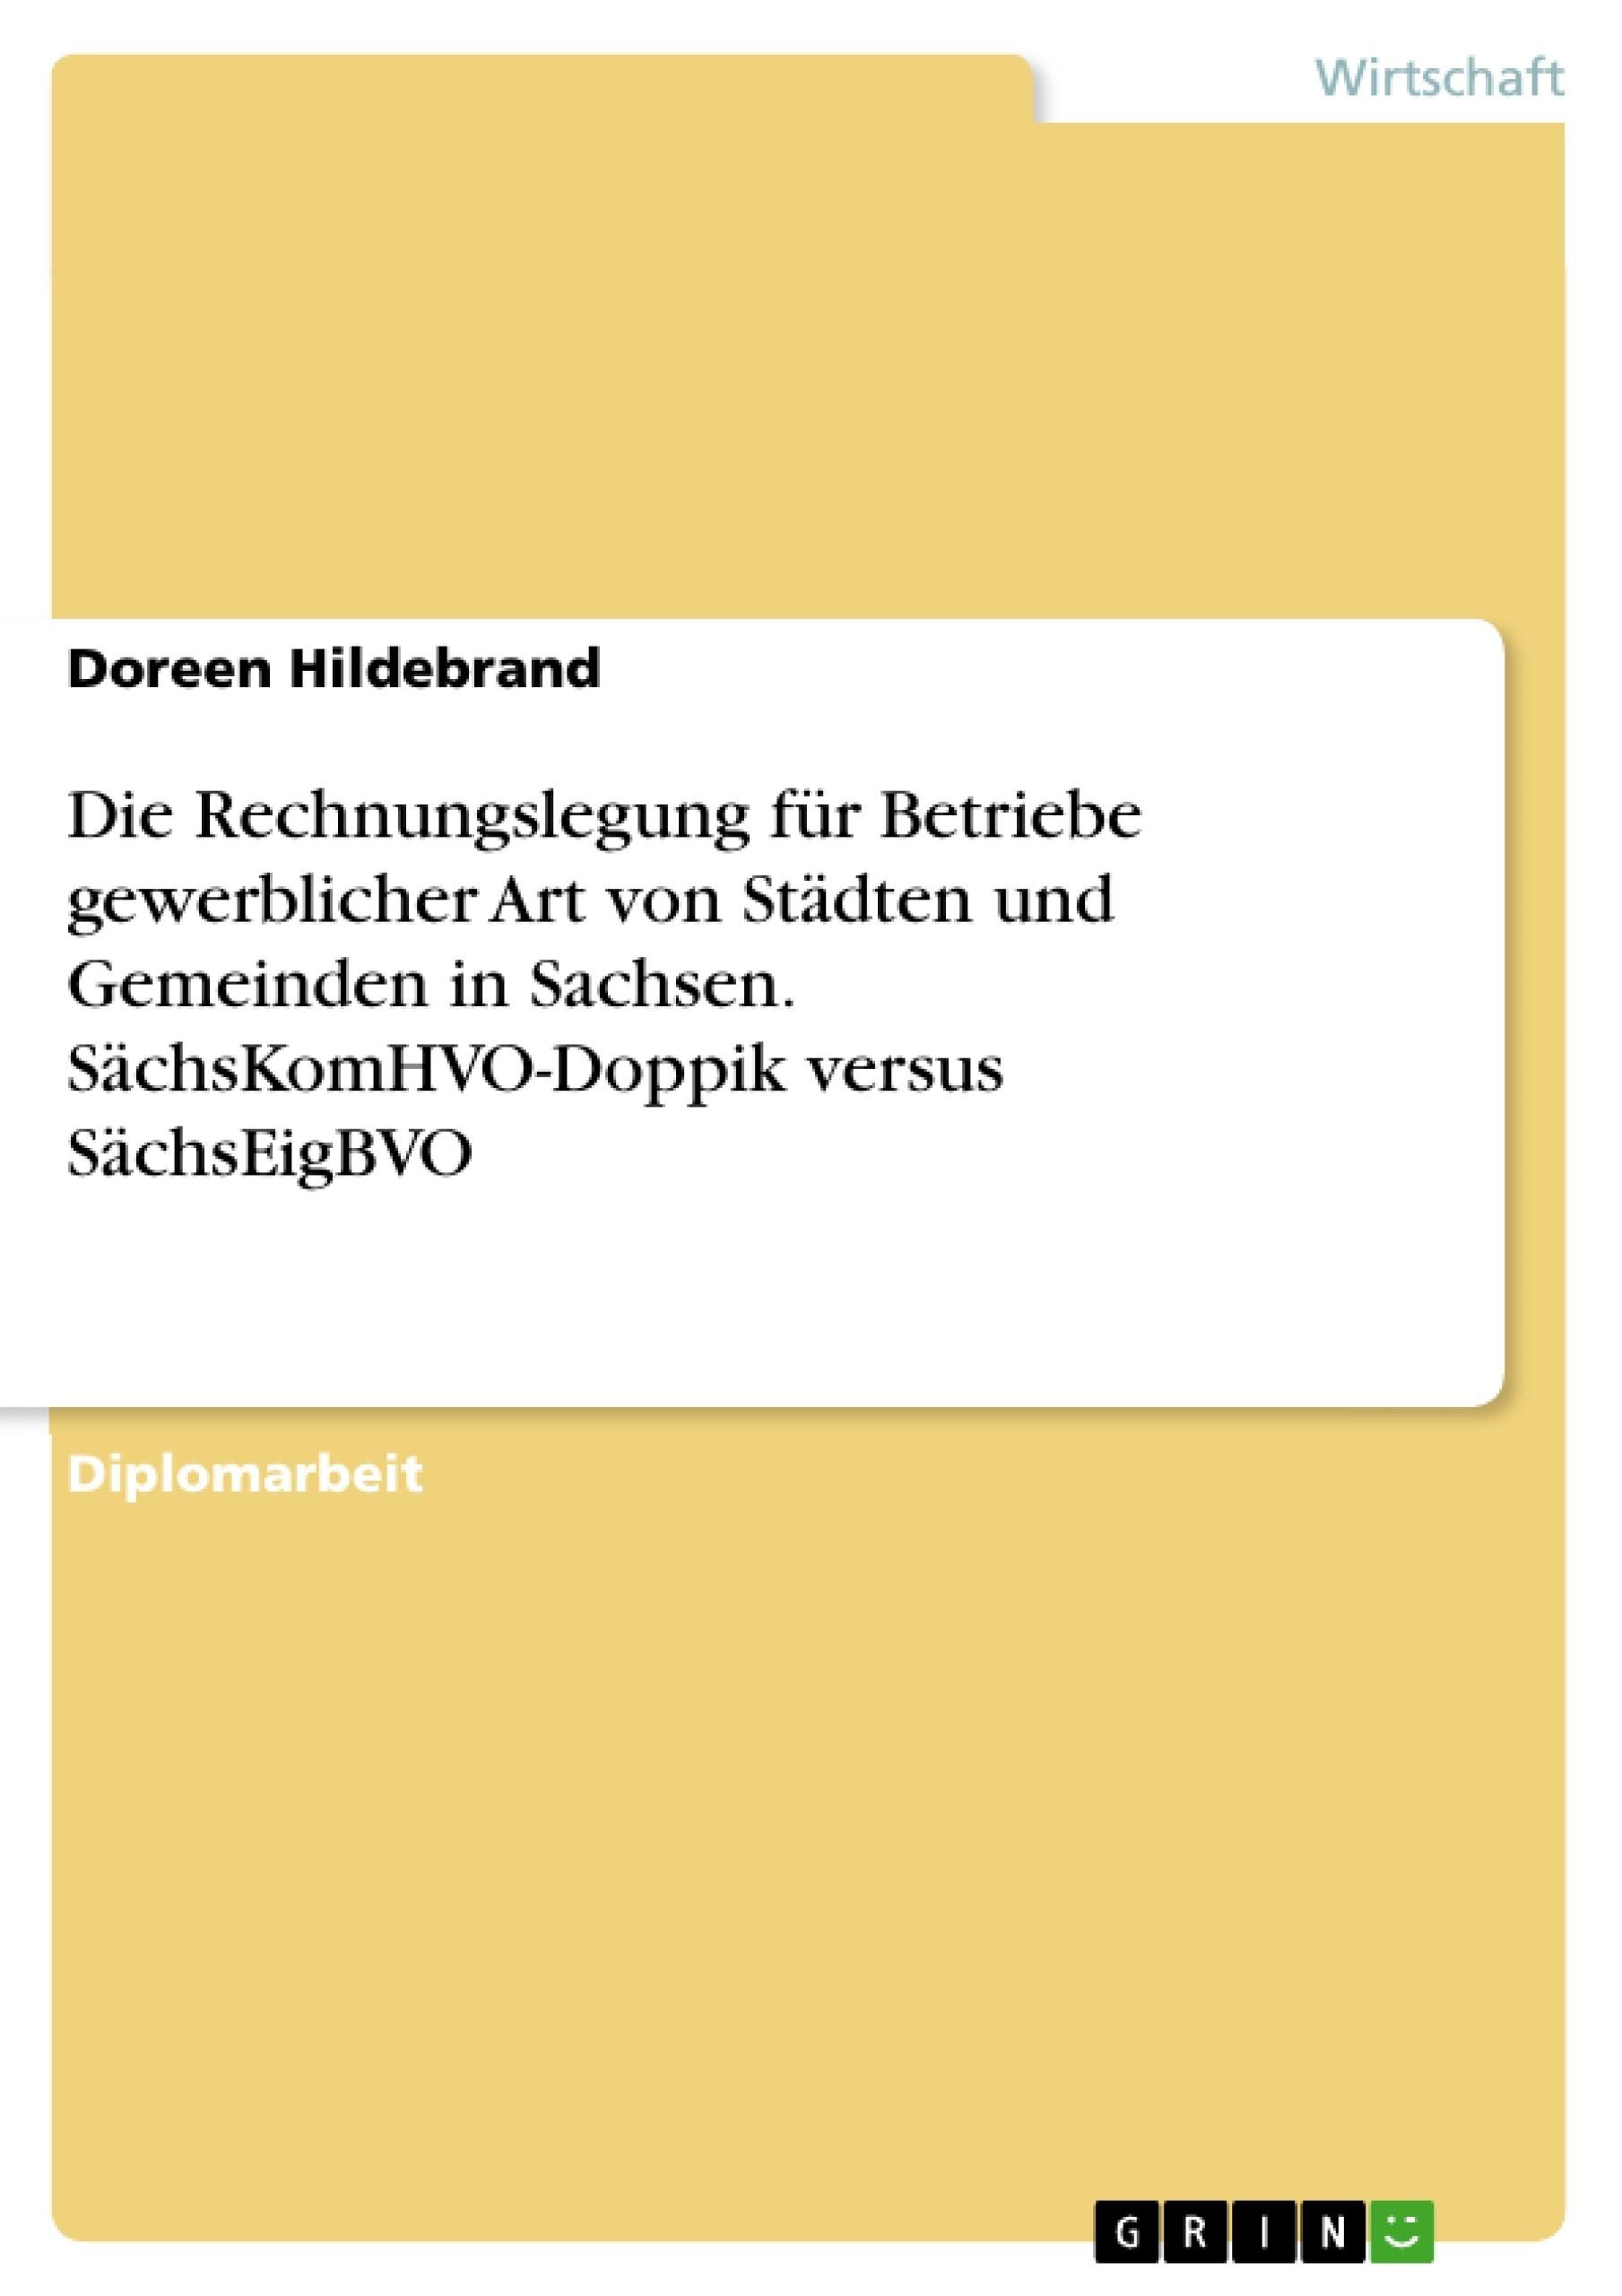 Titel: Die Rechnungslegung für Betriebe gewerblicher Art von Städten und Gemeinden in Sachsen. SächsKomHVO-Doppik versus SächsEigBVO